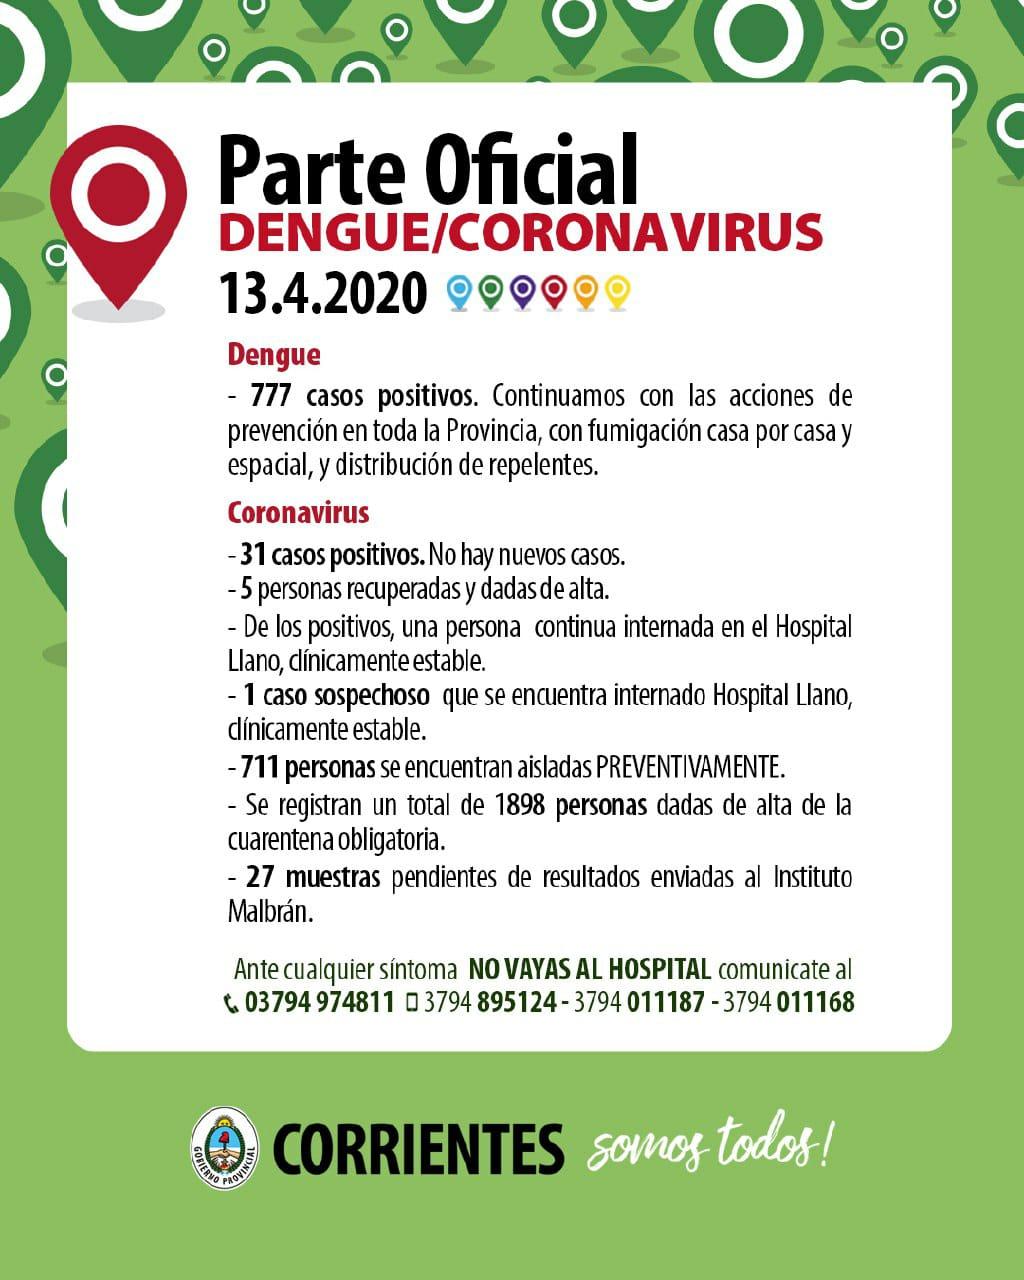 No hubo nuevos casos positivos de Coronavirus se recuperaron cinco de esa condición y quedan 26